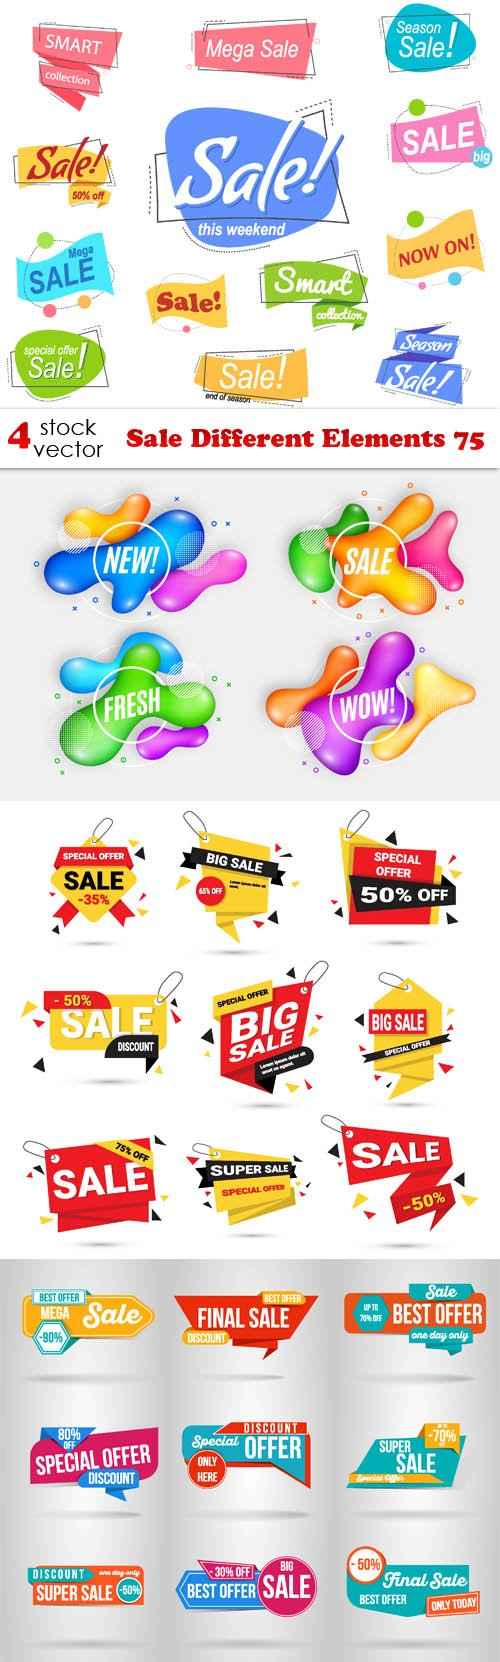 Vectors - Sale Different Elements 75